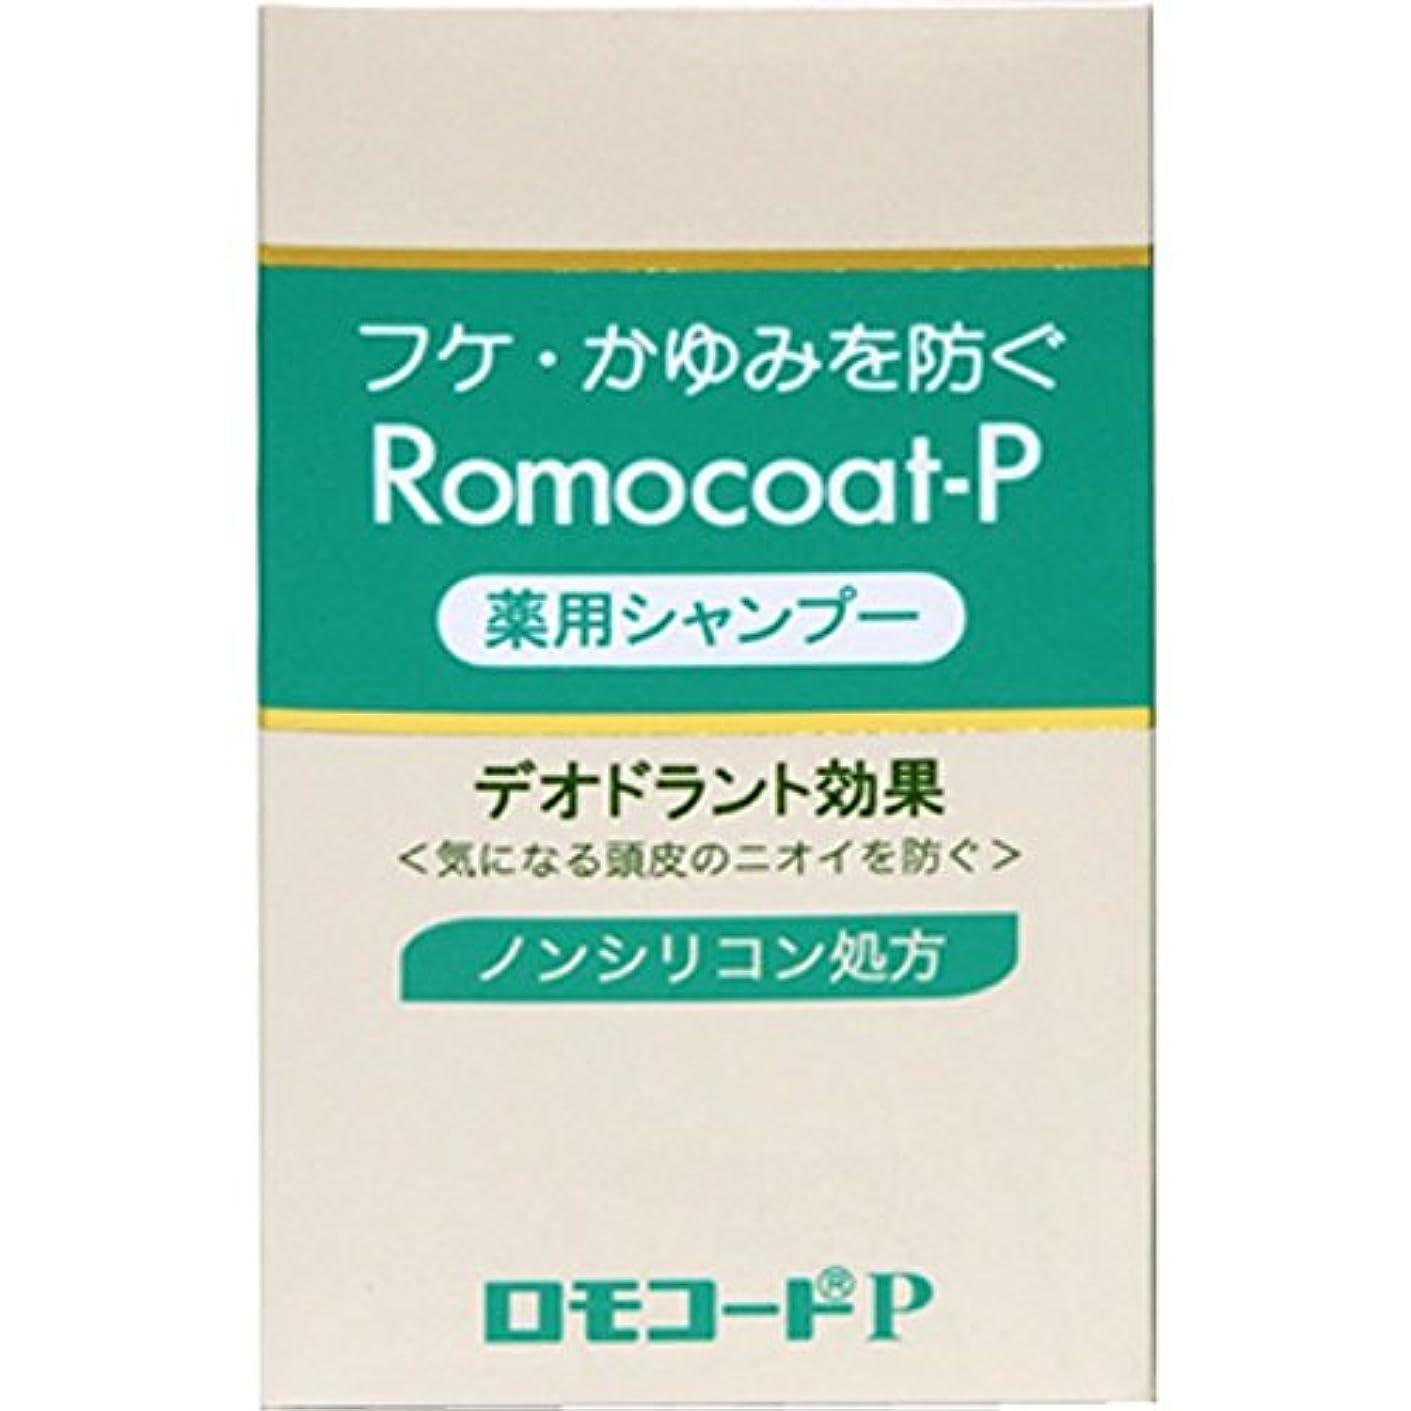 ライターパキスタンアラーム全薬工業 ロモコートP 180ml (医薬部外品)